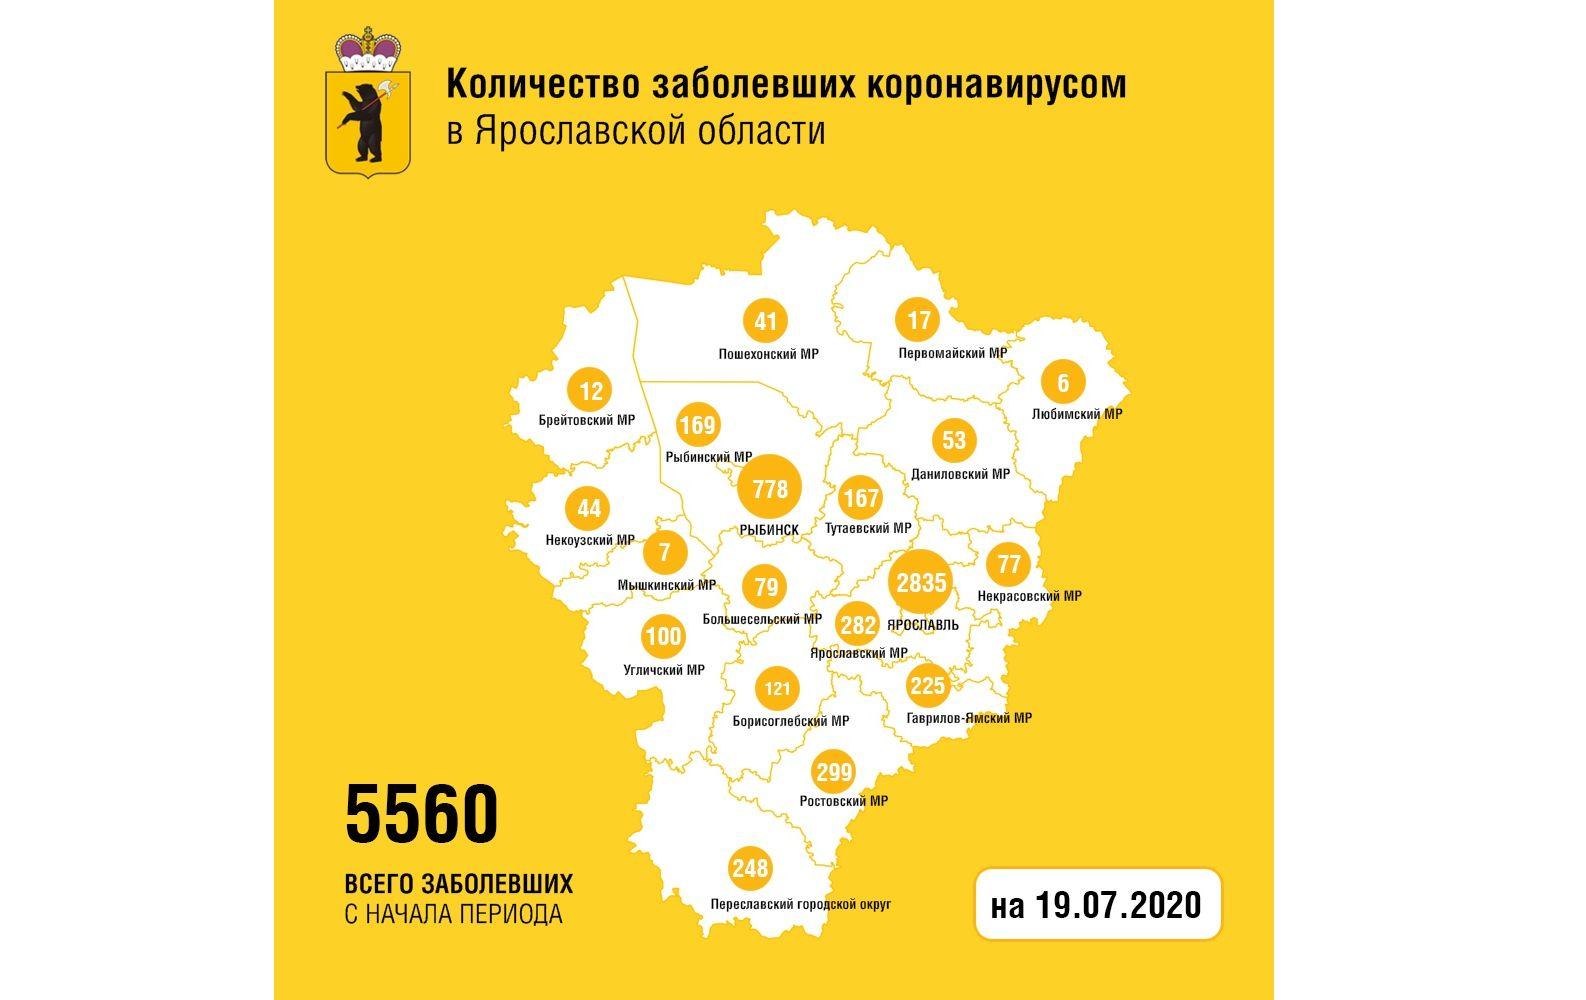 Еще 9 жителей Ярославской области вылечились от коронавируса